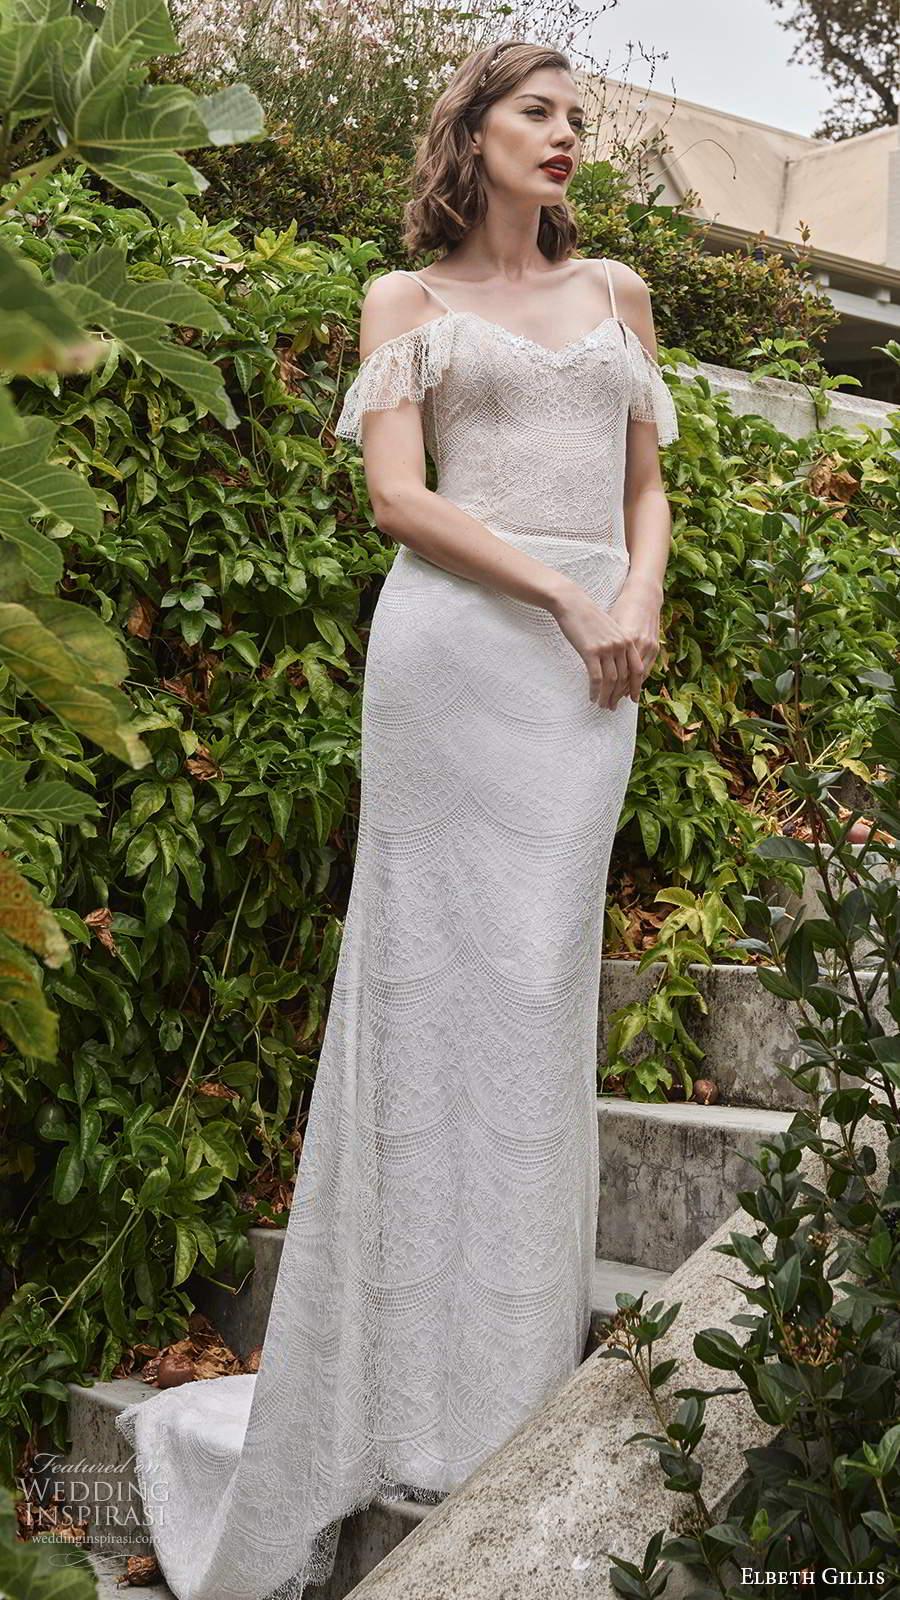 elbeth gillis 2021 bridal cold shoulder straps v sweetheart neckline embellished lace sheath wedding dress v back sweep train (16) mv